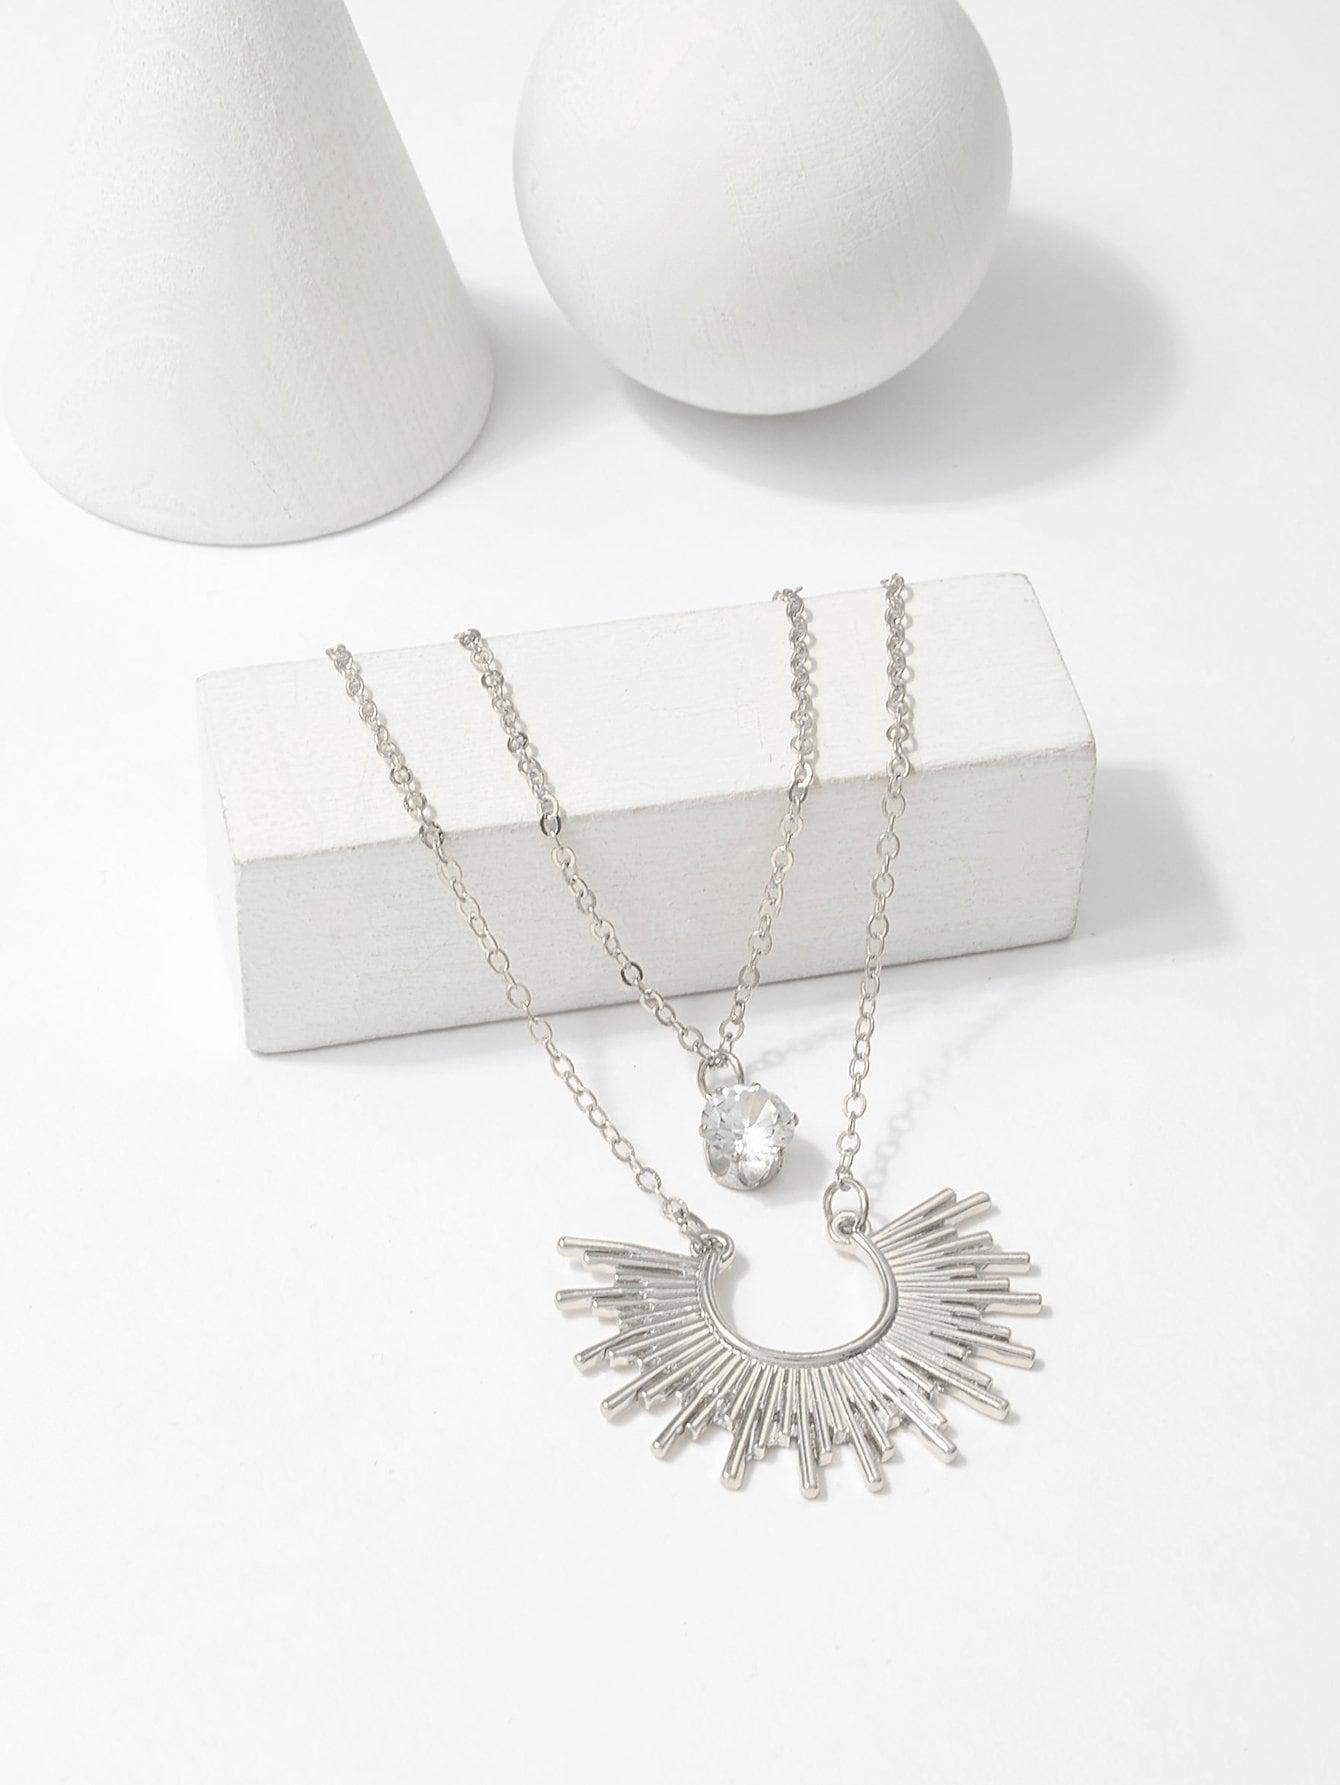 Metall Sonne Anhänger geschichtete Halskette